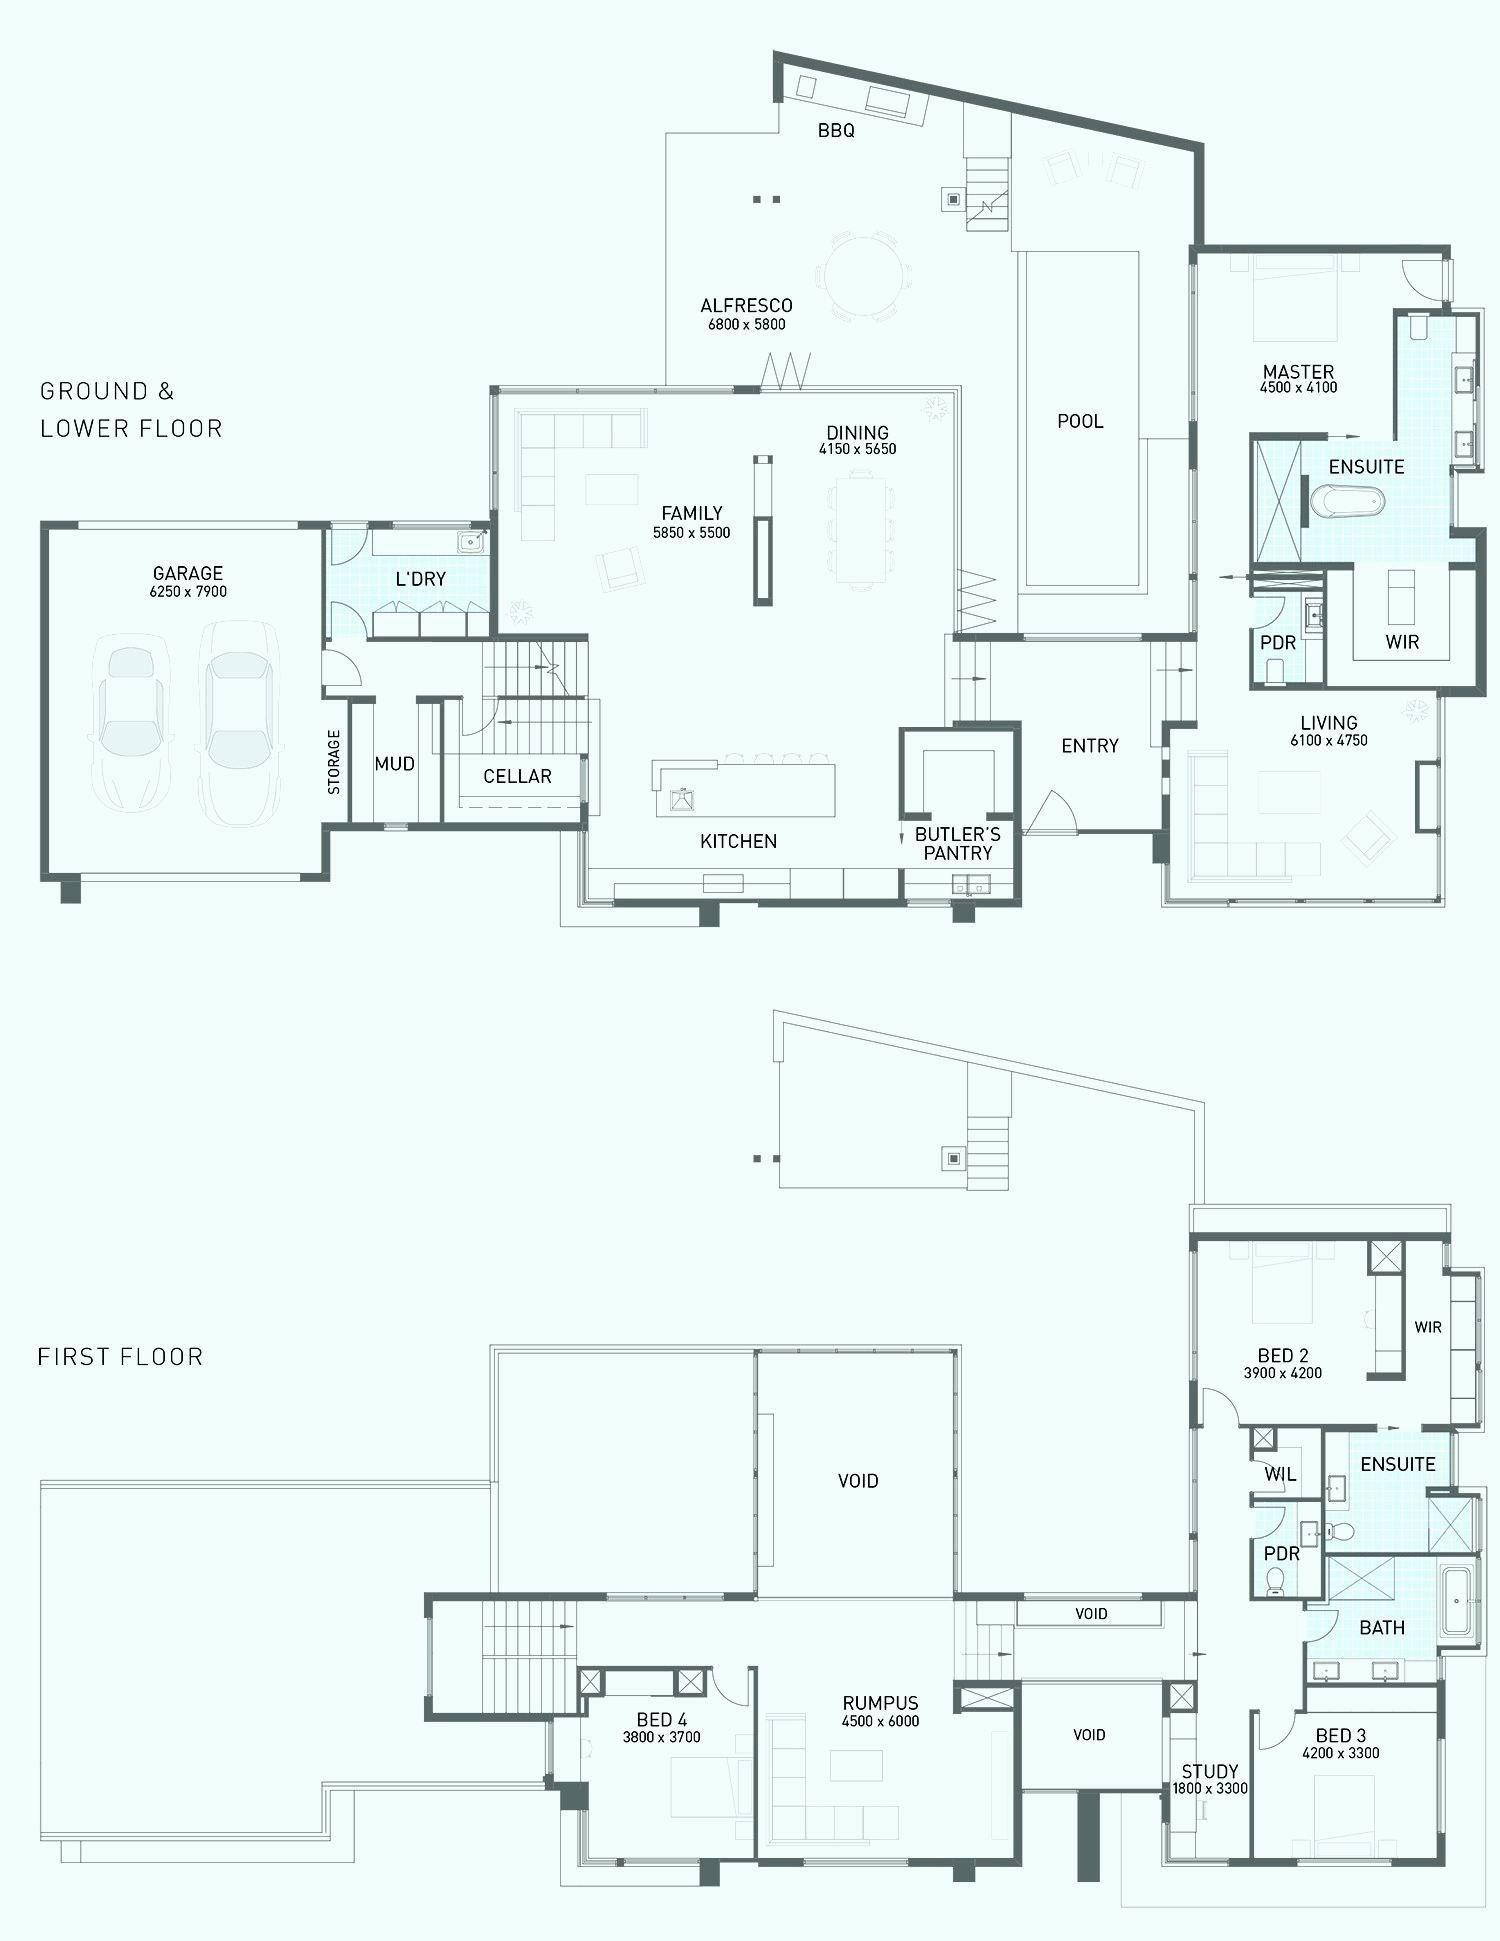 36 logiciel pour dessiner des plans de maison luxury - Logiciel pour dessiner plan de maison ...